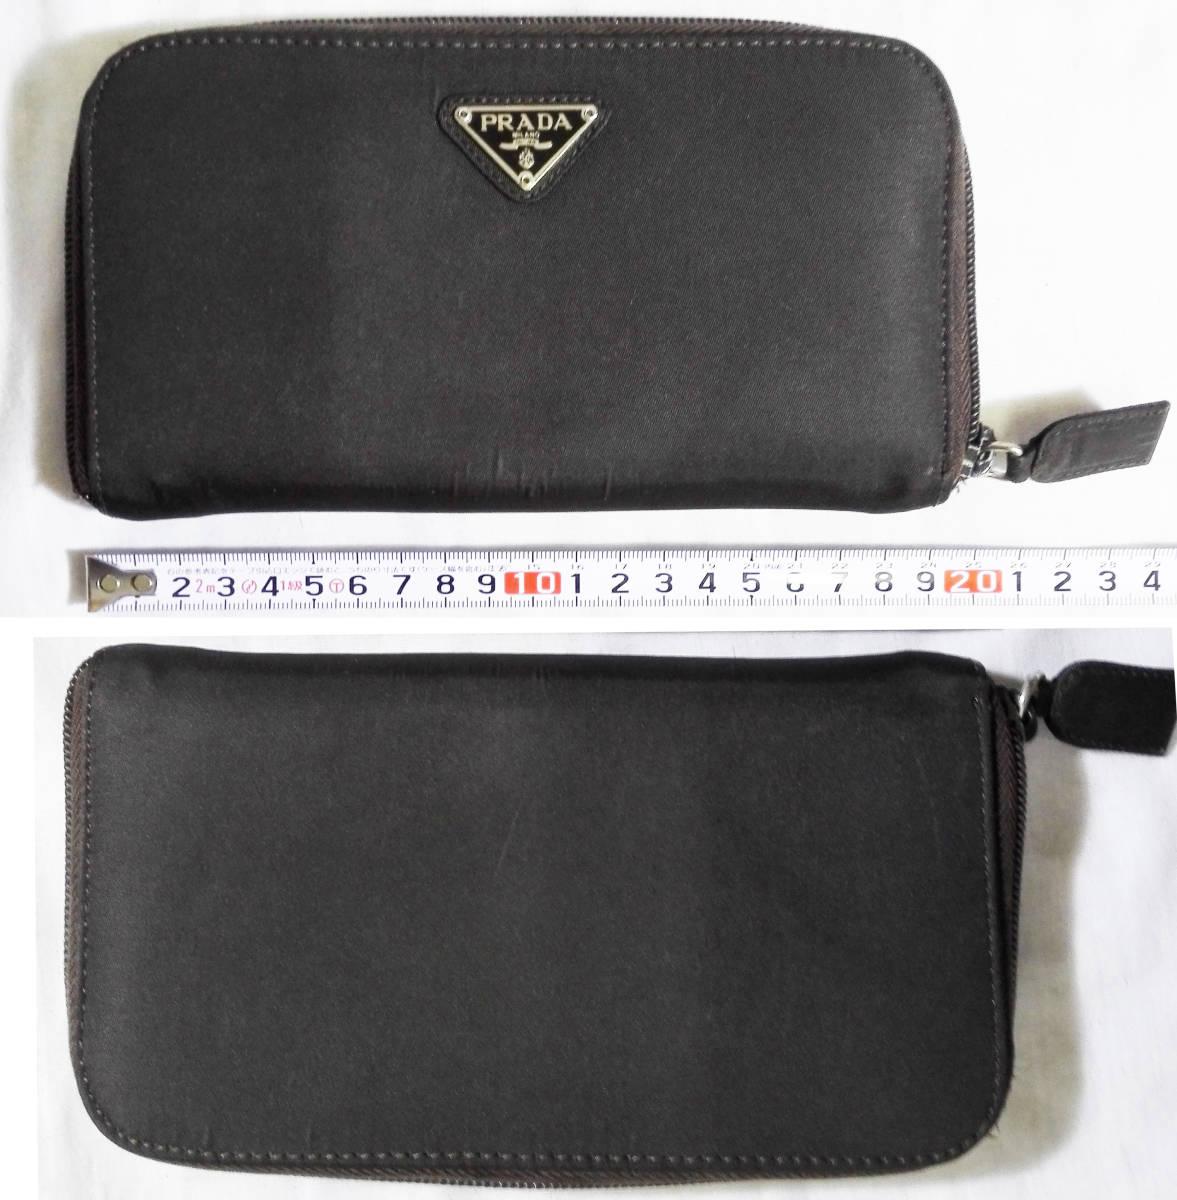 ■バッグ 財布 6点SET PRADA x2 Vivienne Westwood FENDI COACH x2 シリアル番号有など色々 ●同梱で安く送料を上げませう_画像2